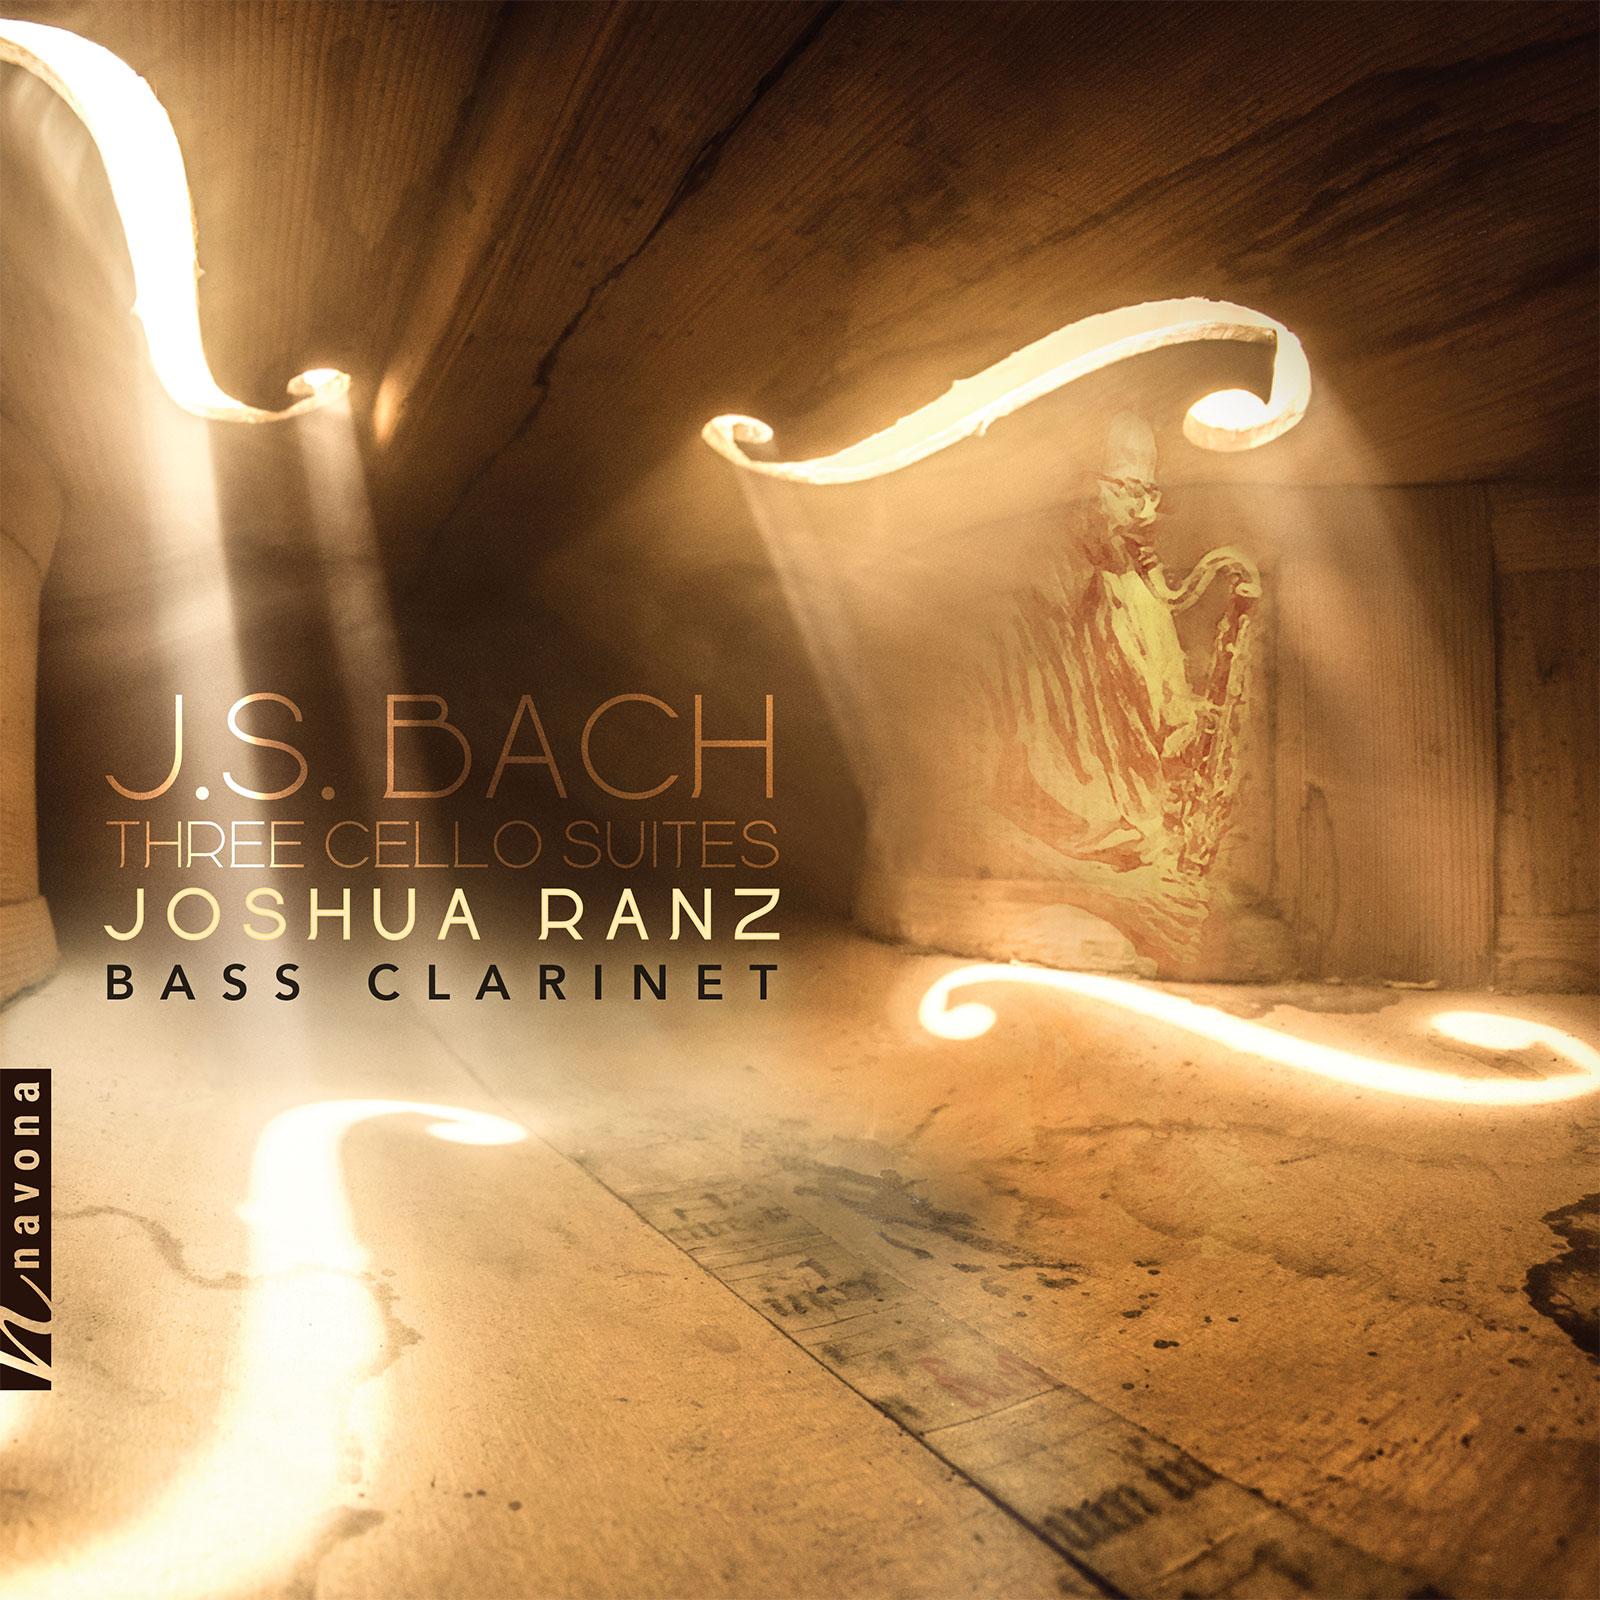 THREE CELLO SUITES - Joshua Ranz - Album Cover